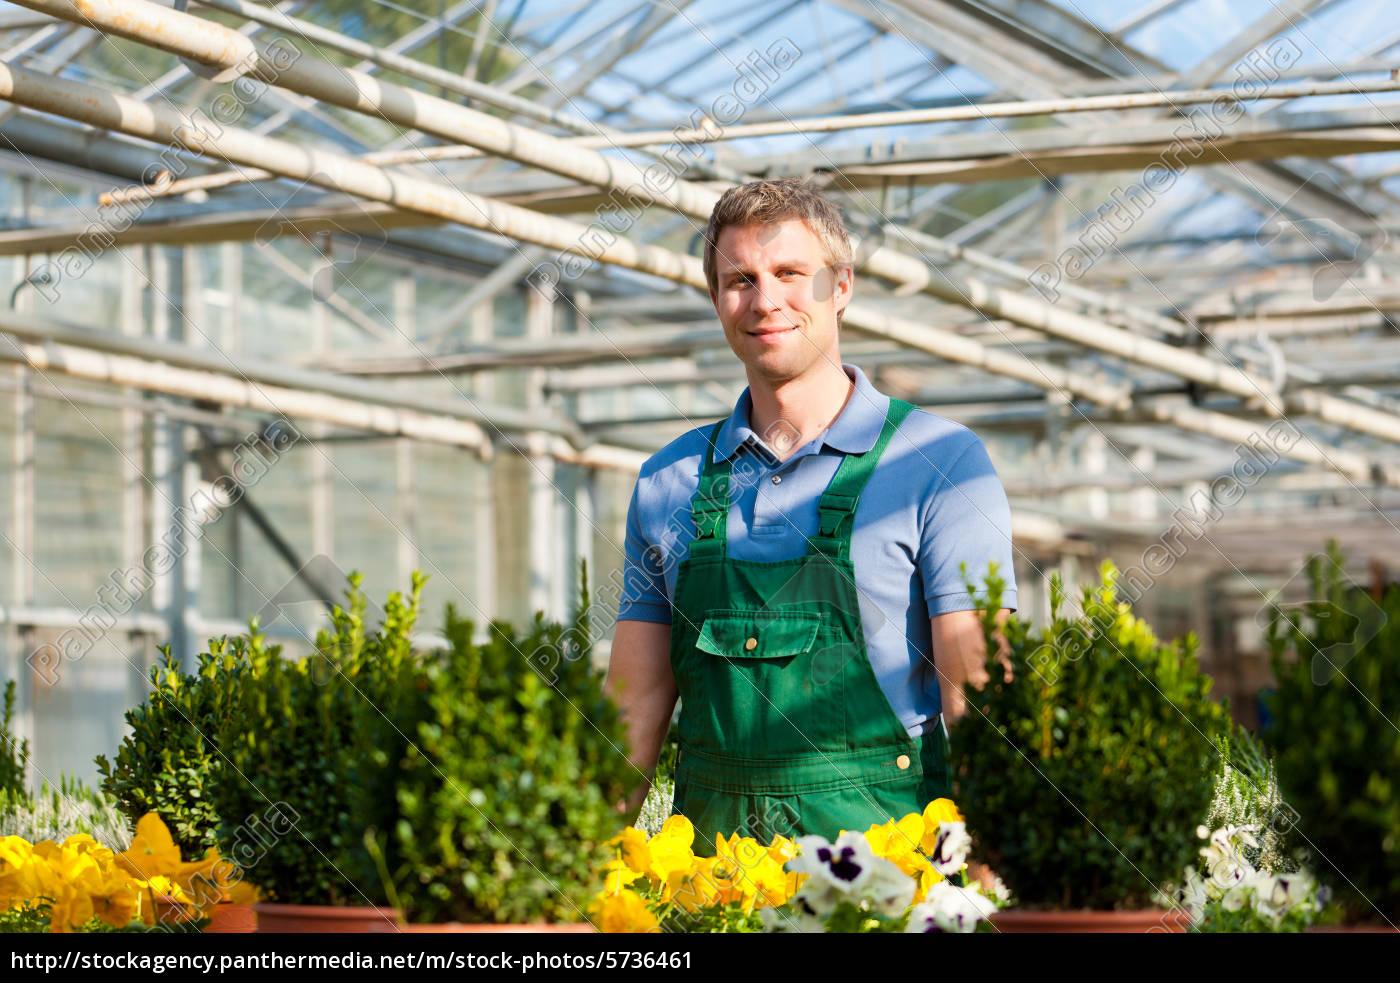 Gärtner im Gewächshaus der Gärtnerei - Lizenzfreies Bild - #5736461 ...